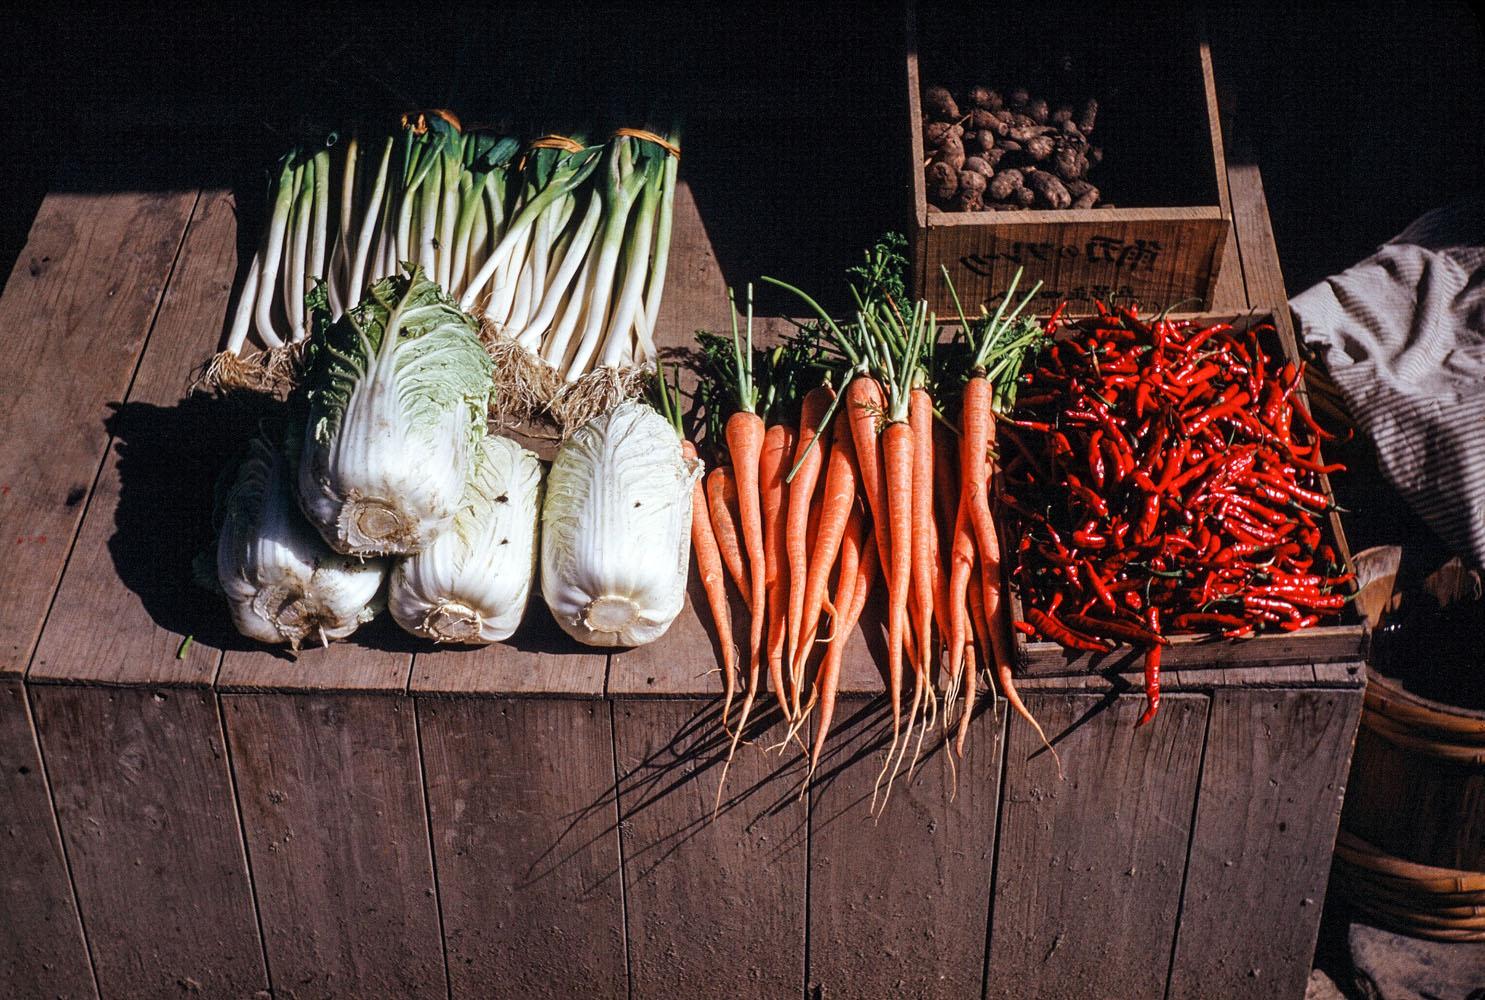 364-Vegetable Display